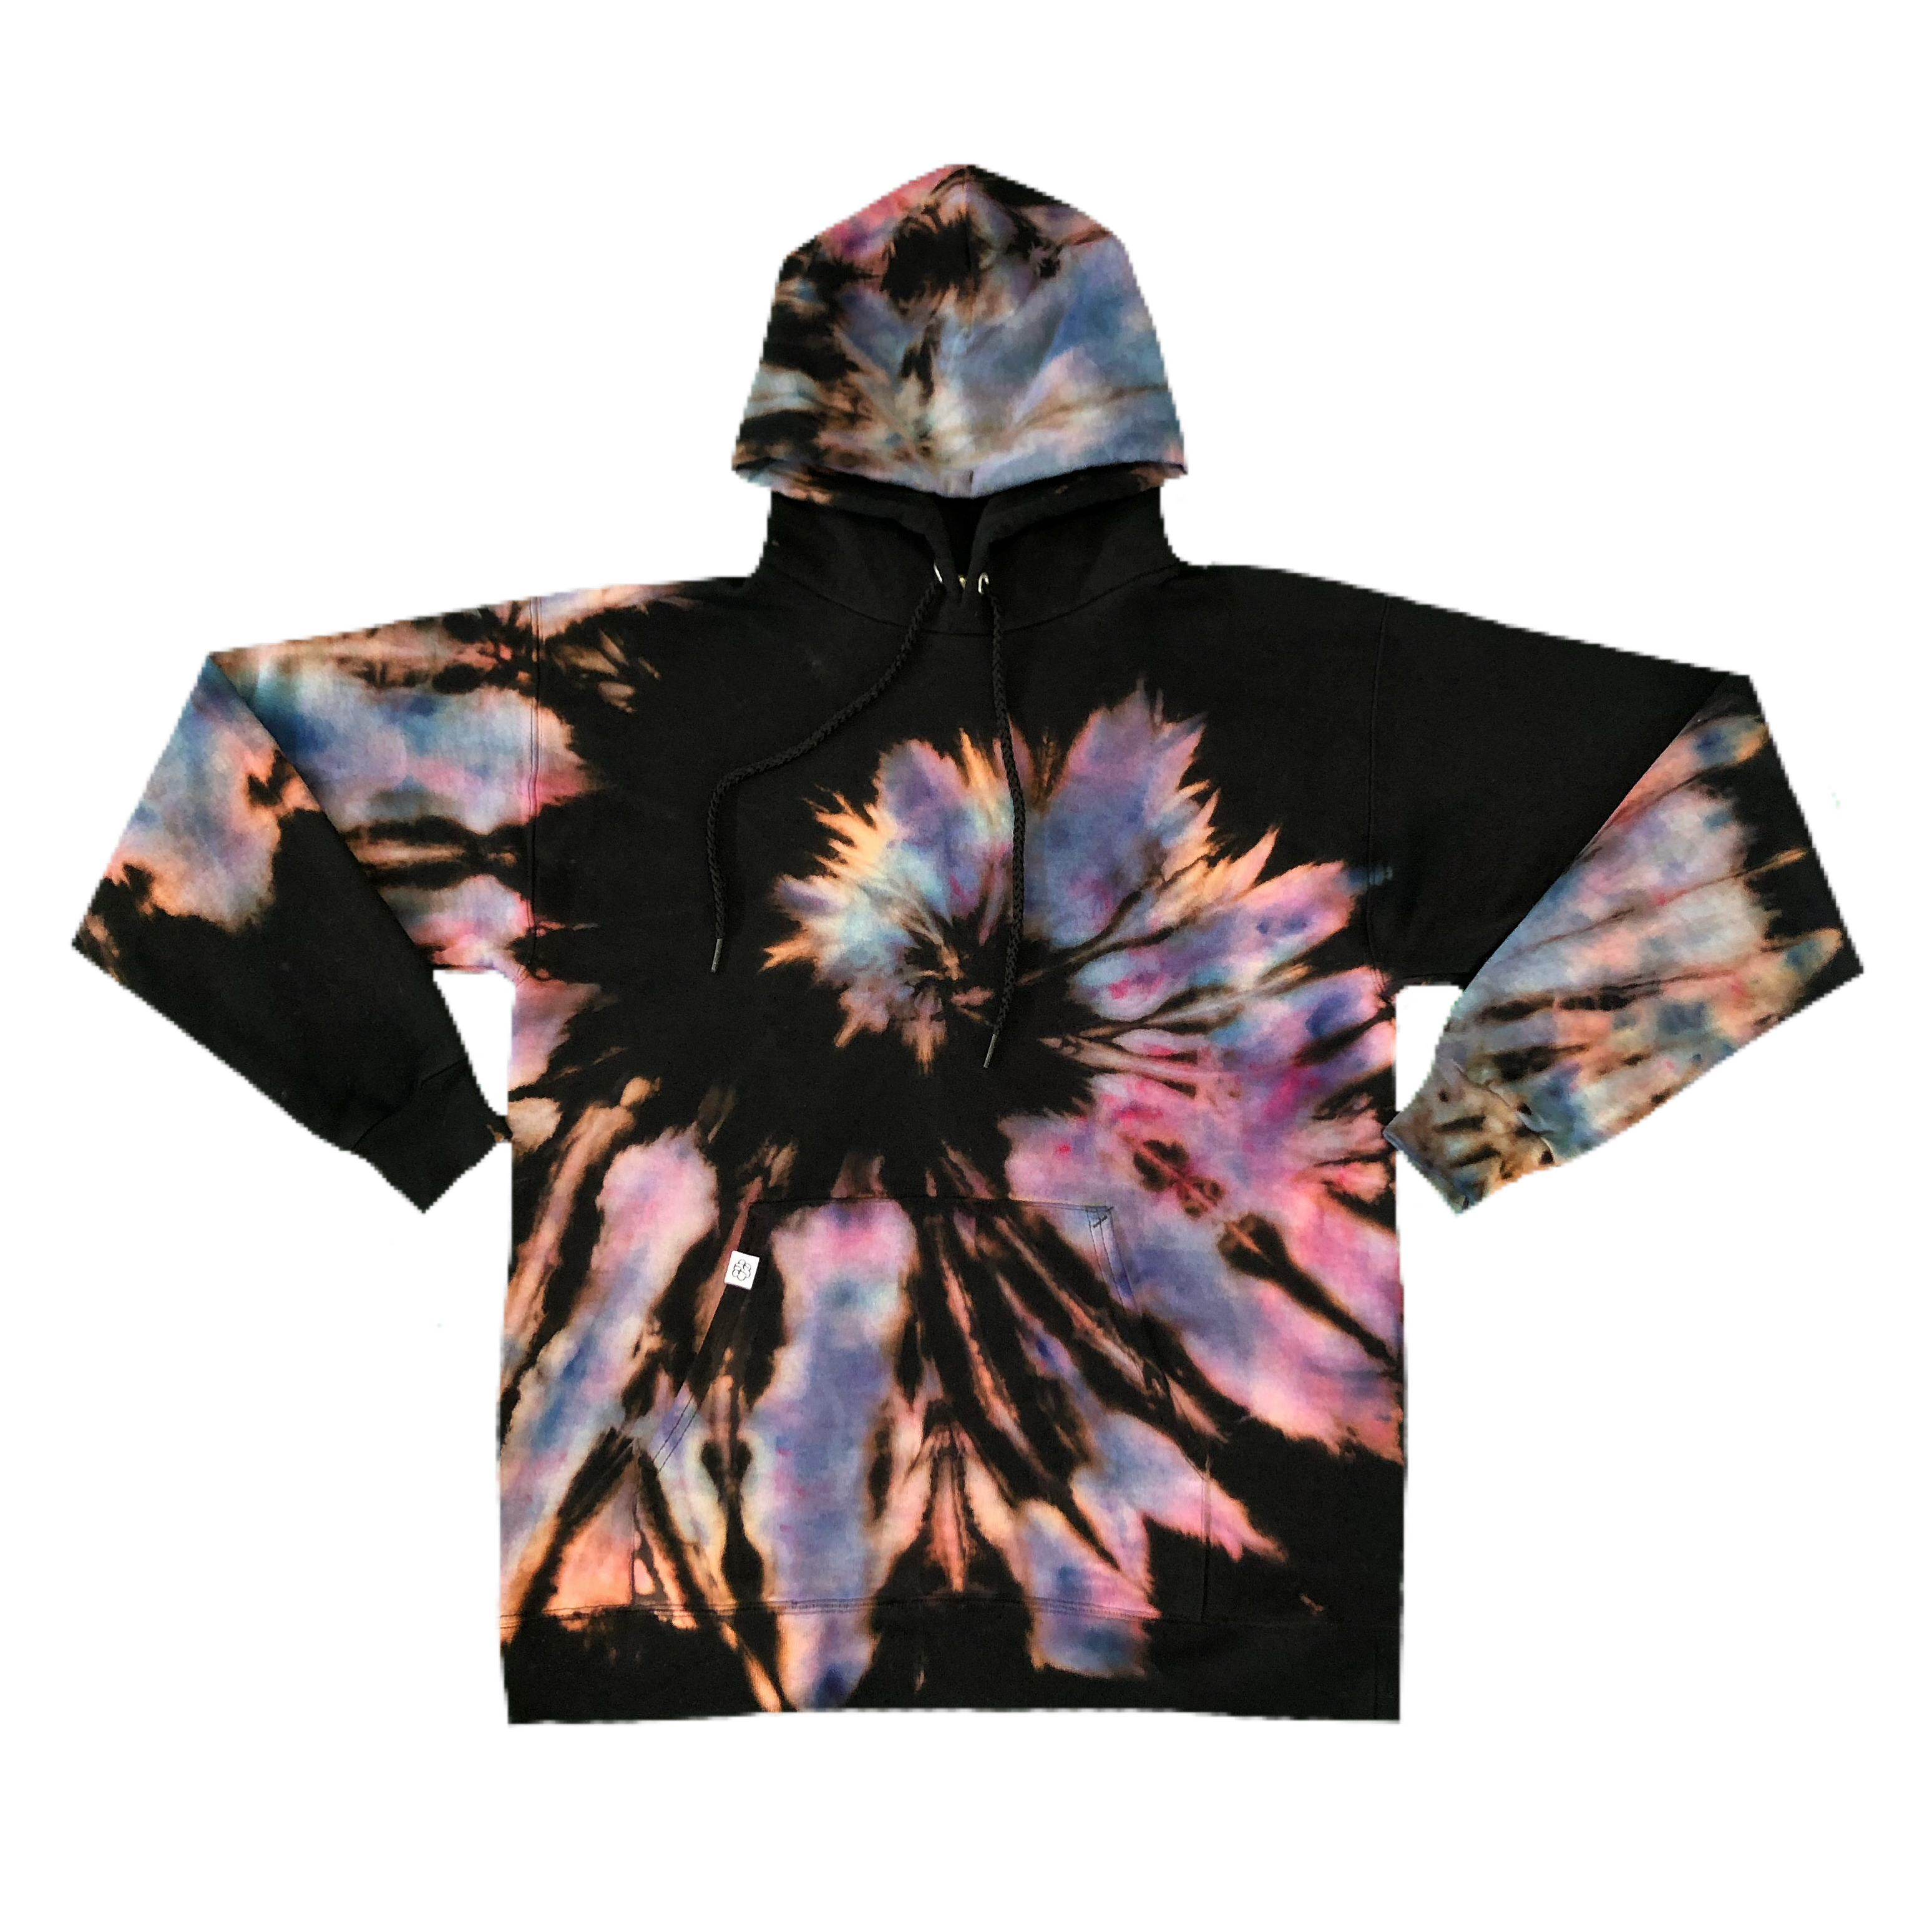 Reverse Tie Dye Hoodie Reversetiedyehoodie Art I Made These Reverse Tie Dye Galaxy Hoodies And I Reverse Tie Dye Tie Dye Patterns Diy Diy Tie Dye Shirts [ 3096 x 3096 Pixel ]